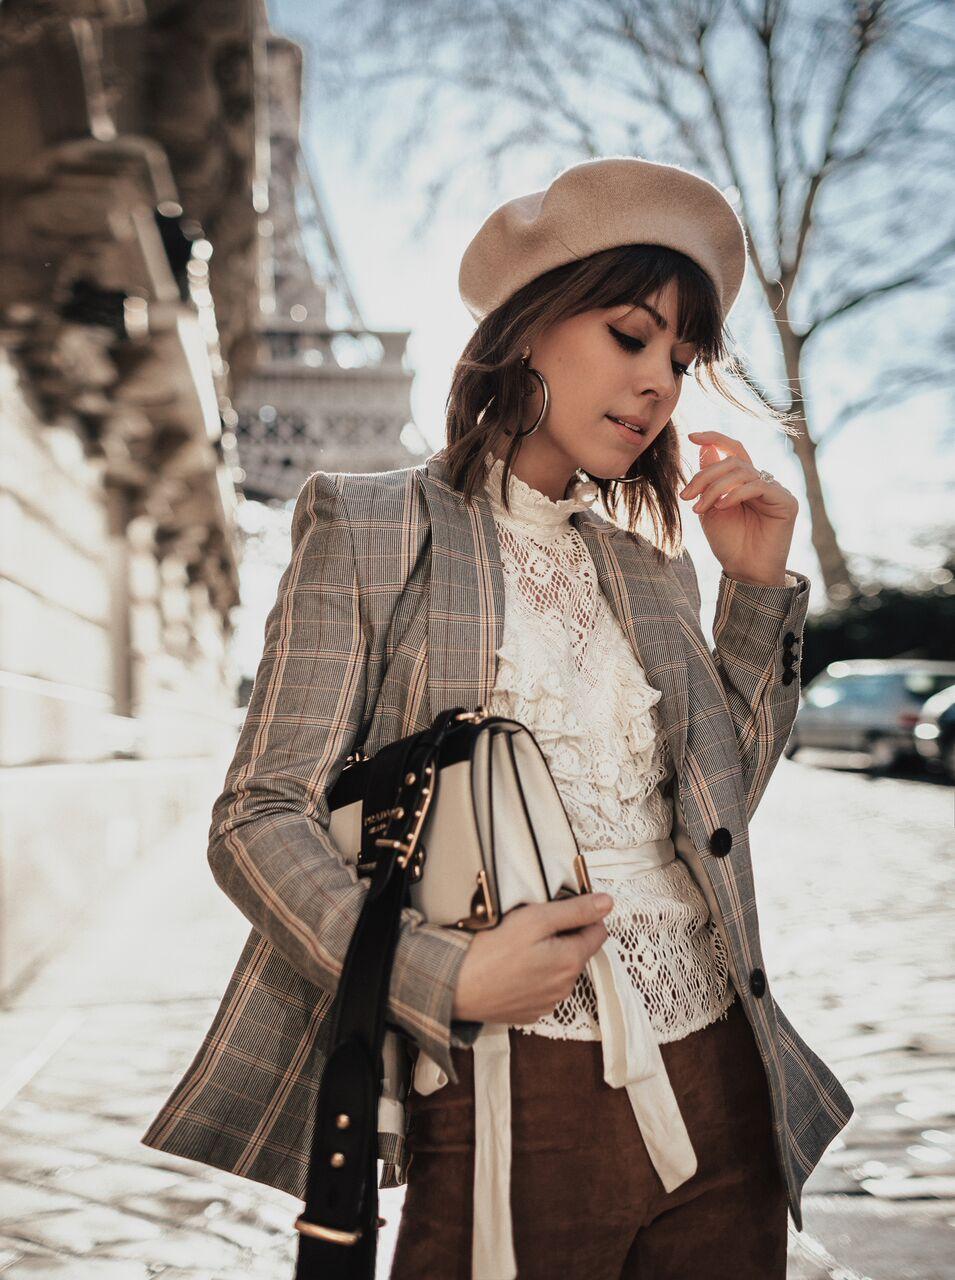 Margo & Me: 10 главных вещей, которые носят парижанки этой весной